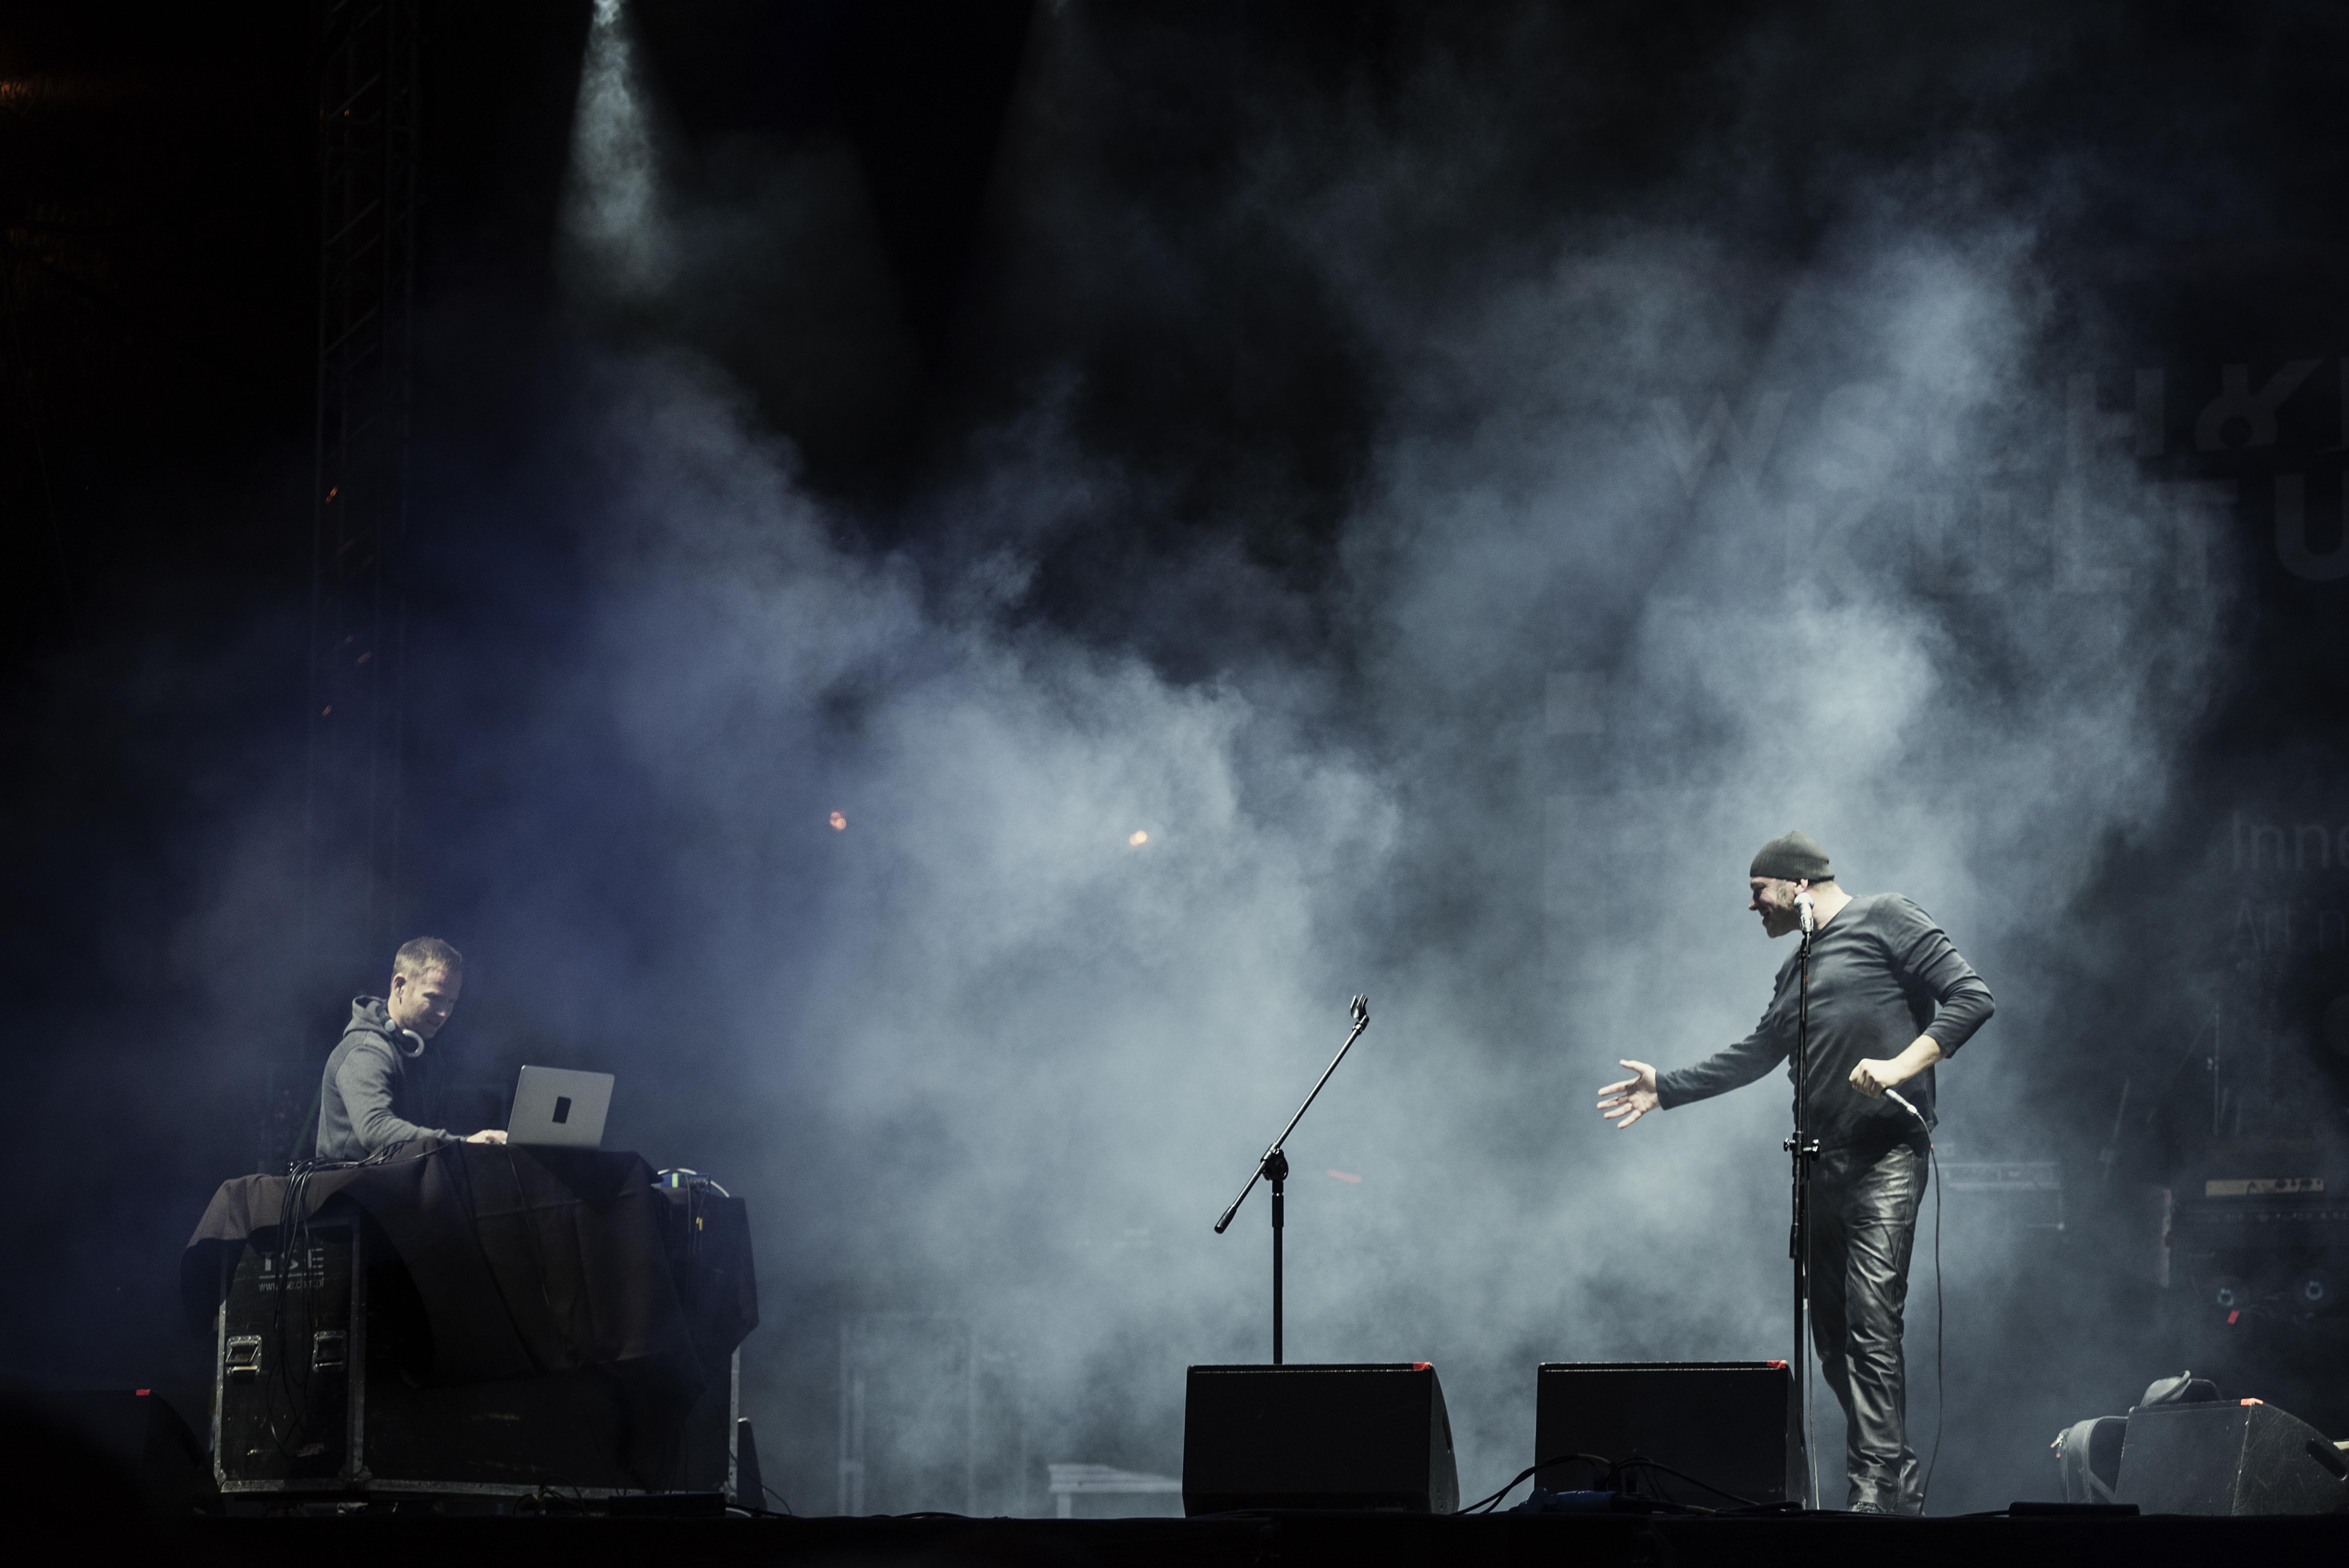 Projekt Rimbaud. Zdjęcie ukazujące wokalistę, który trzymając mikrofon w ręce, wykonuje ruch w stronę muzyka będącego na scenie razem z nim. Siedzi on na przeciwko miksera, laptopa.